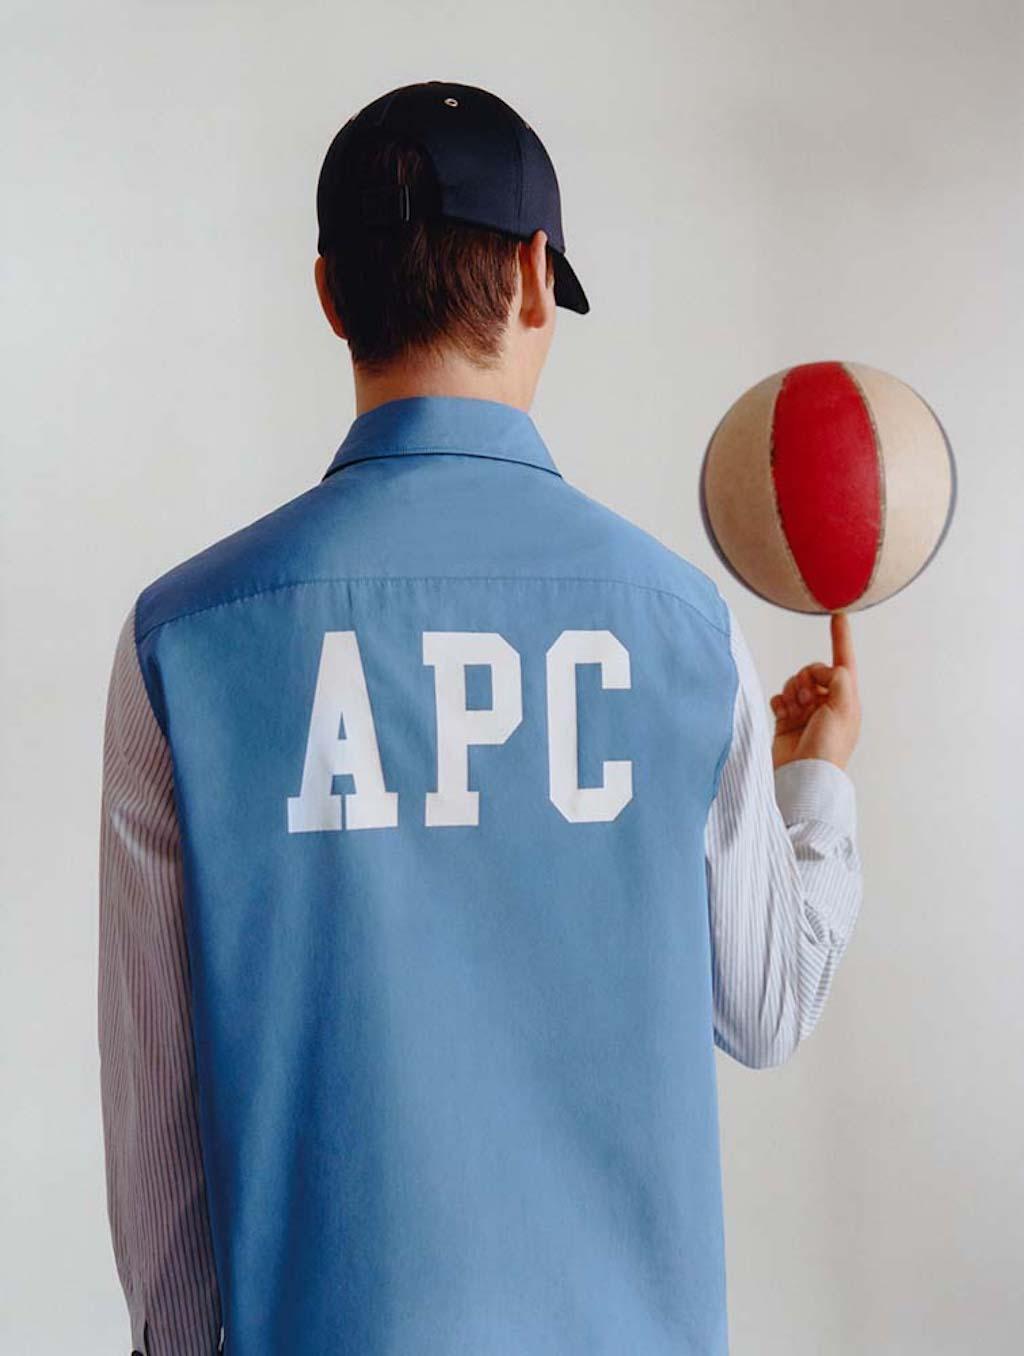 APC by Shaun Beyen